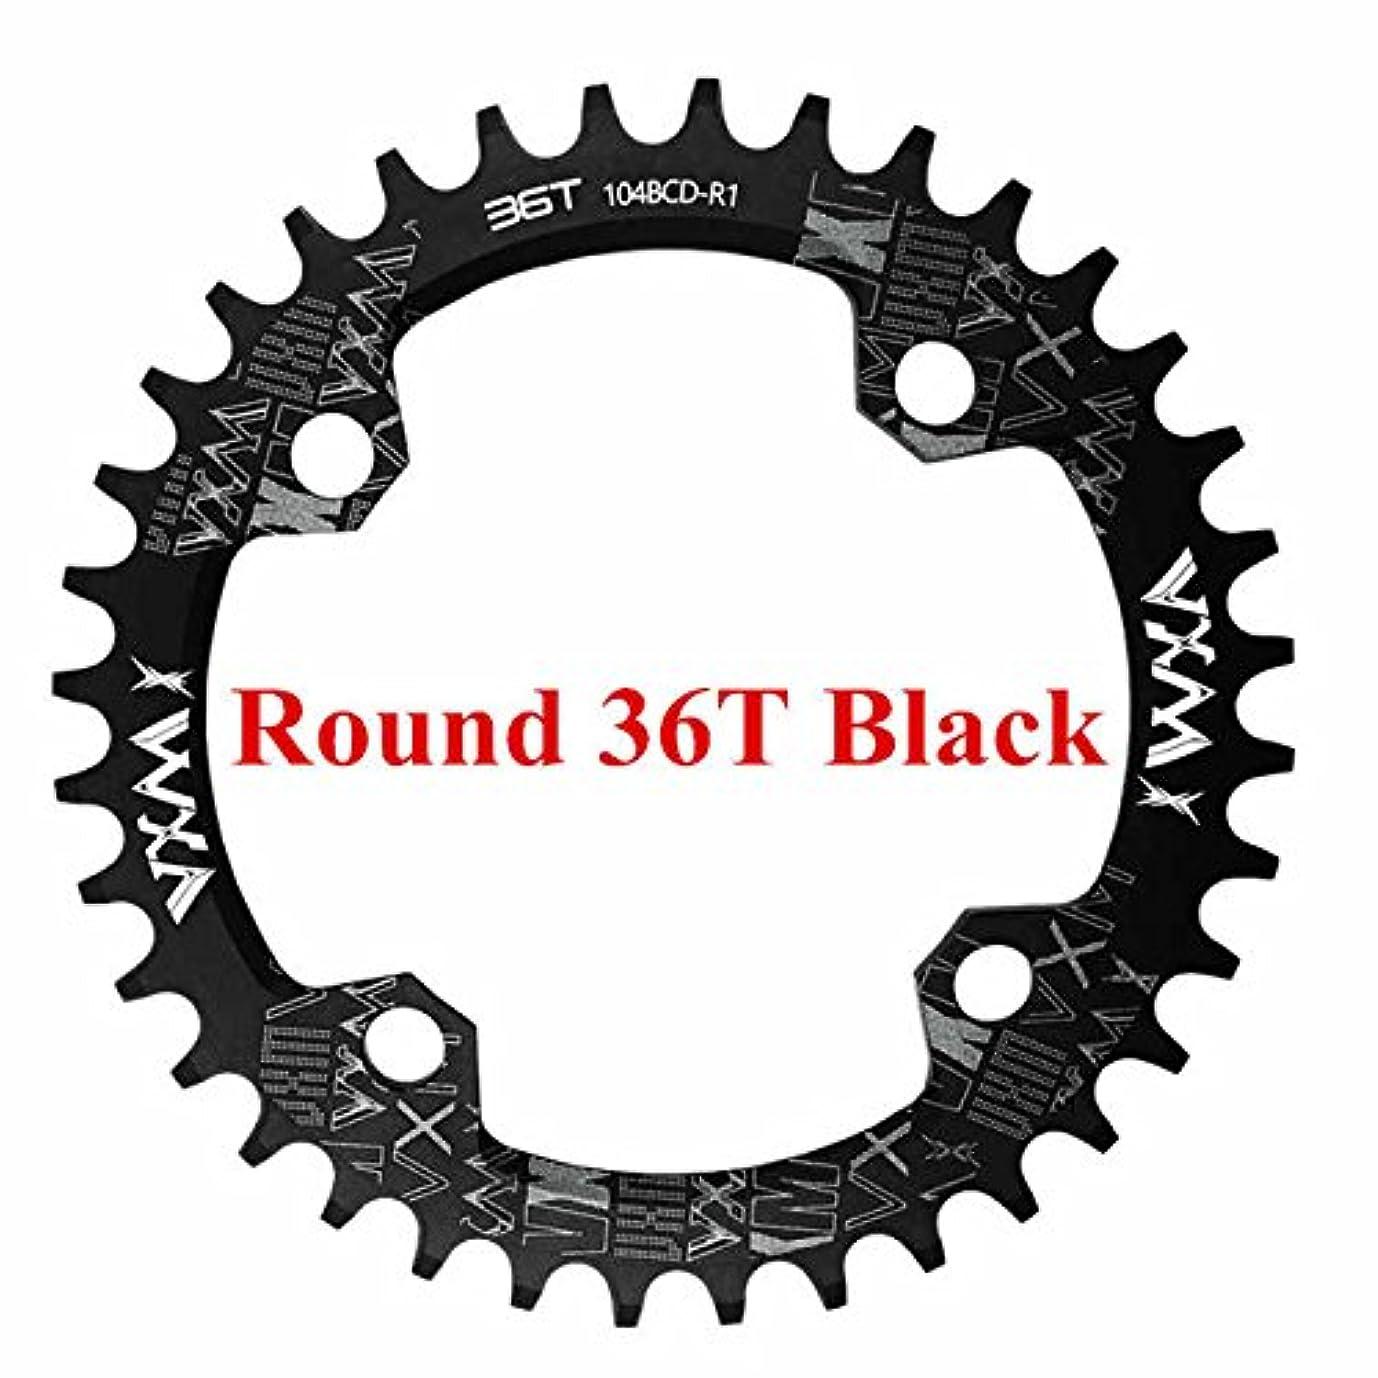 約束する傷つきやすいあまりにもPropenary - 自転車104BCDクランクオーバルラウンド30T 32T 34T 36T 38T 40T 42T 44T 46T 48T 50T 52TチェーンホイールXT狭い広い自転車チェーンリング[ラウンド36Tブラック]